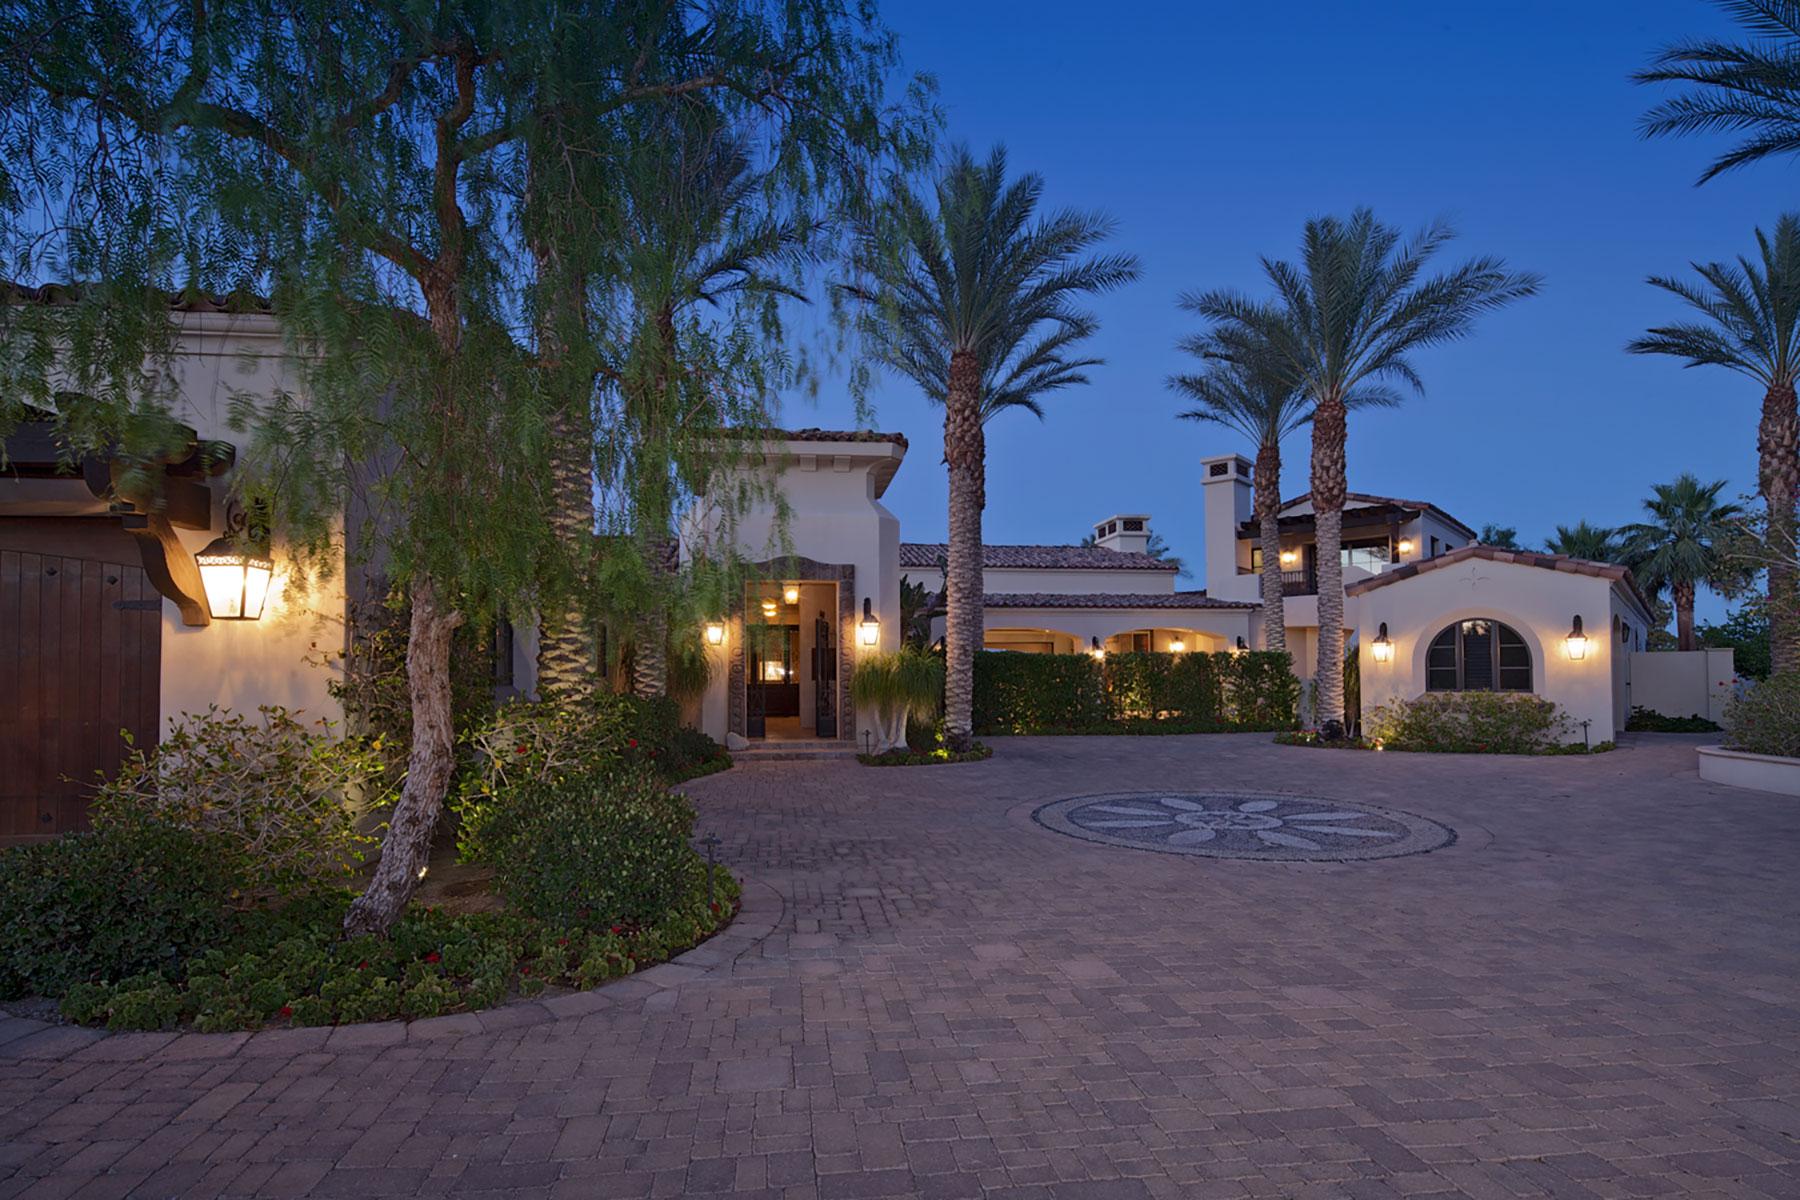 Частный односемейный дом для того Продажа на 52300 Ross La Quinta, Калифорния, 92253 Соединенные Штаты